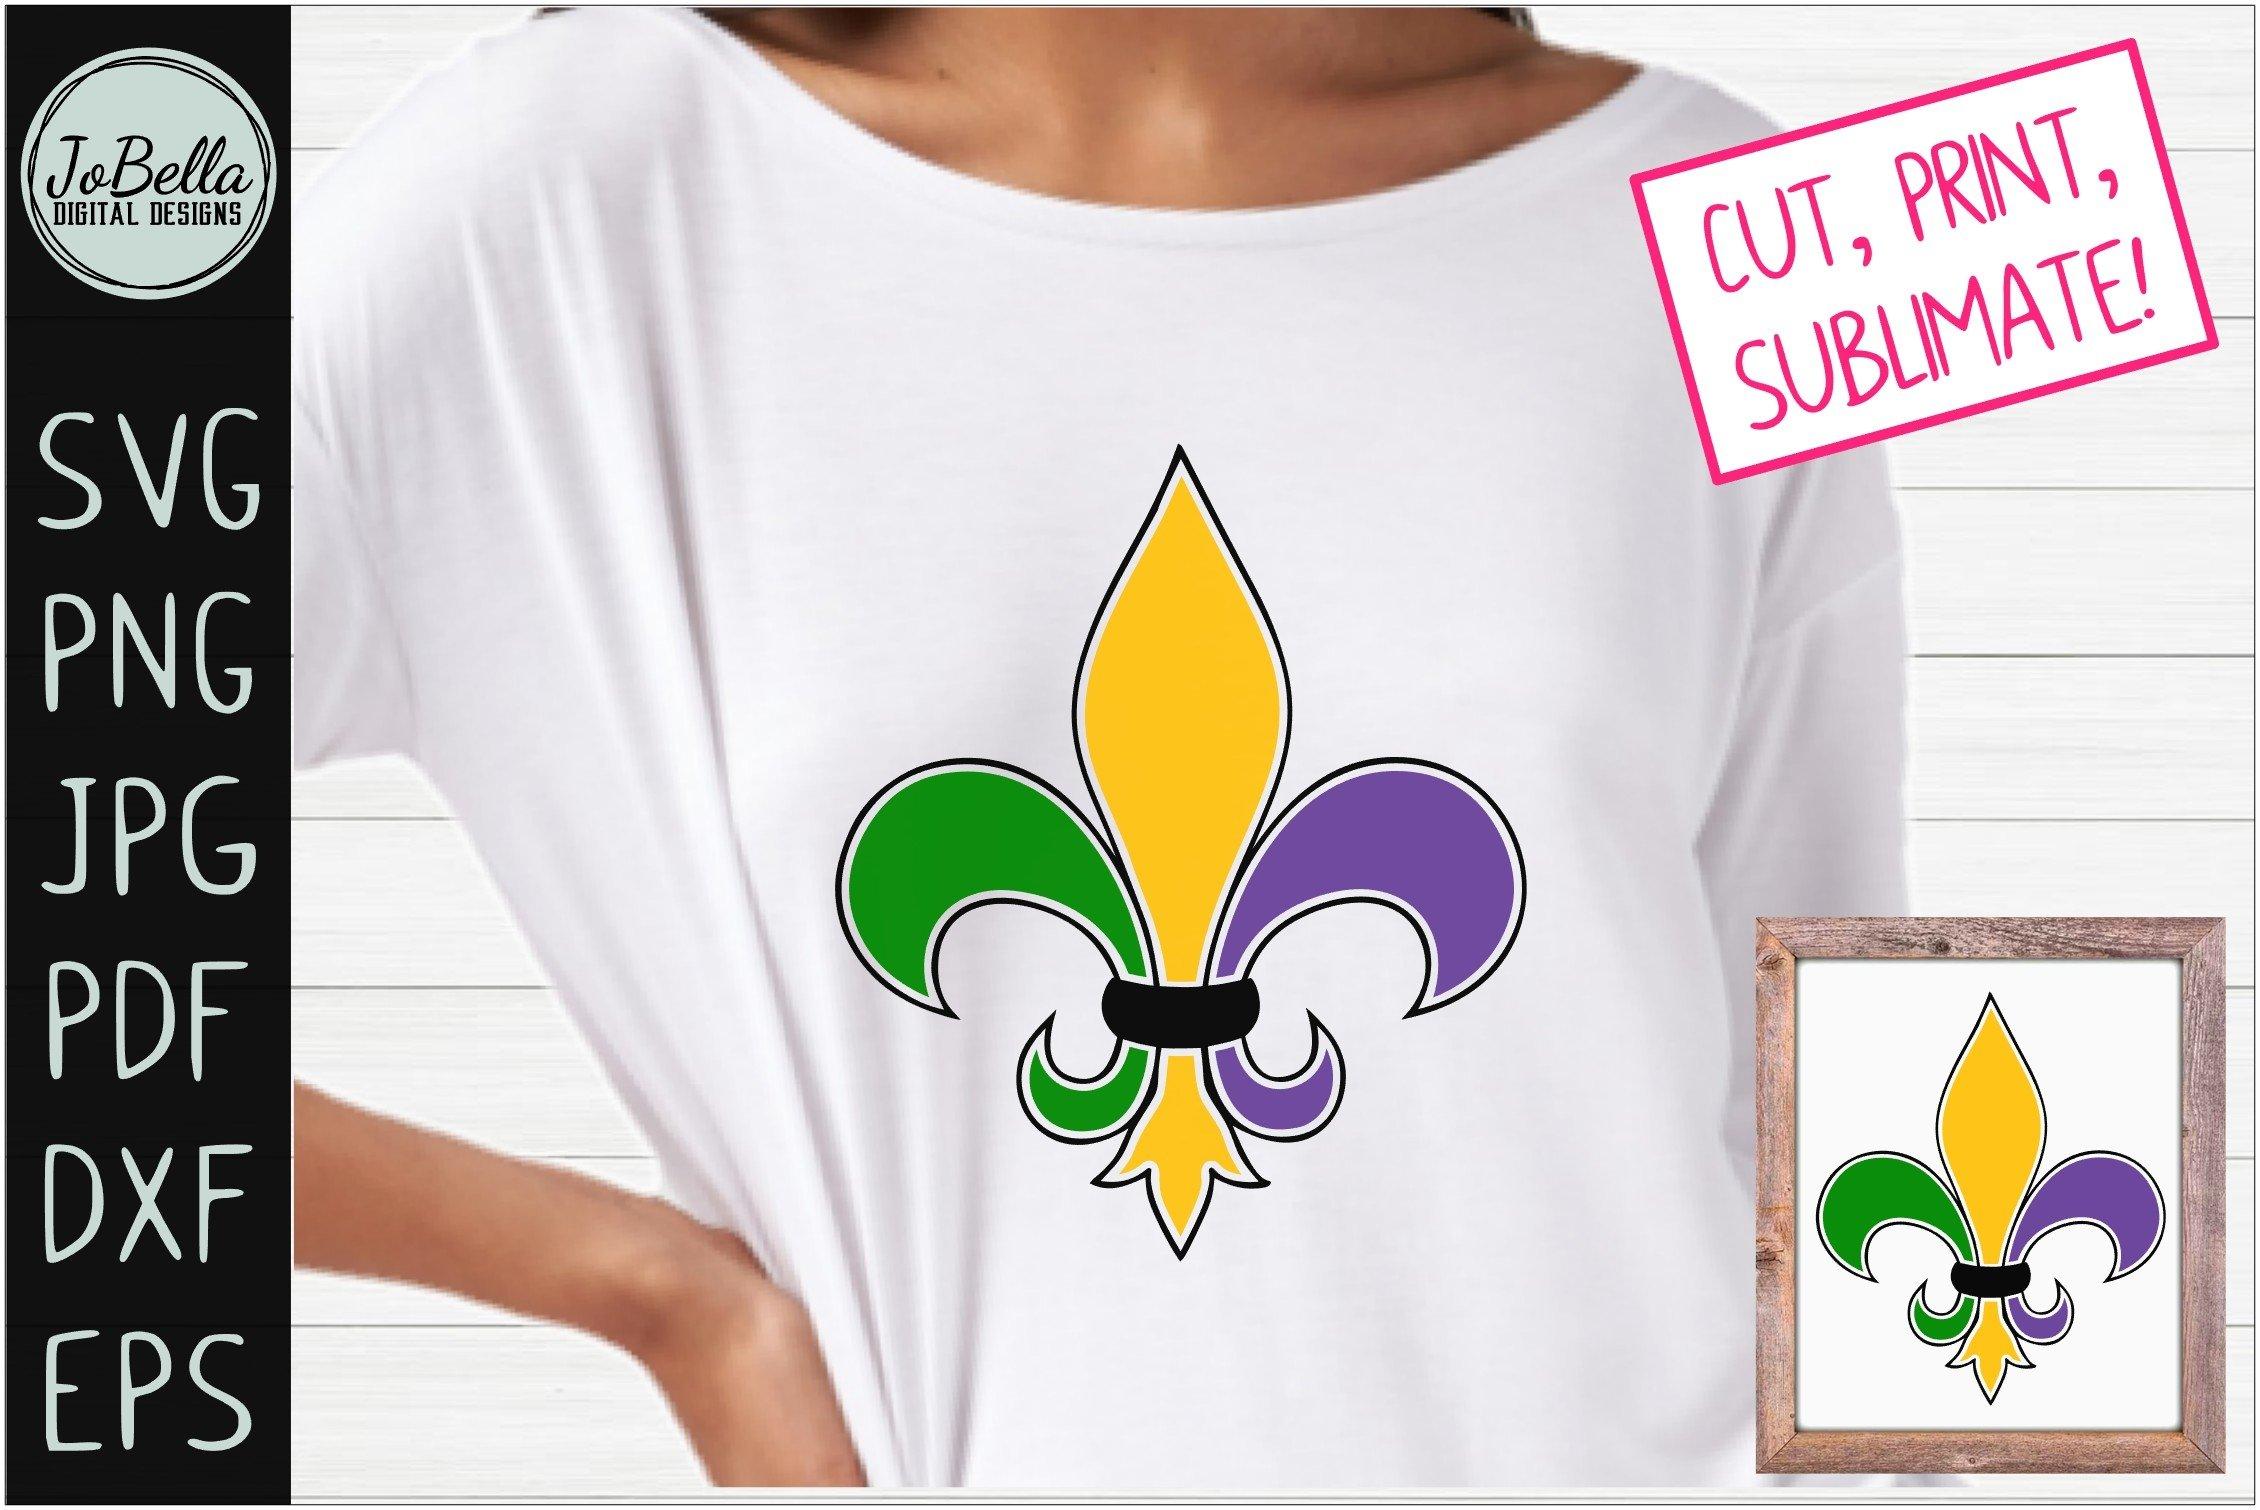 Mardi Gras Fleur De Lis Svg Sublimation Png Printable 424766 Cut Files Design Bundles